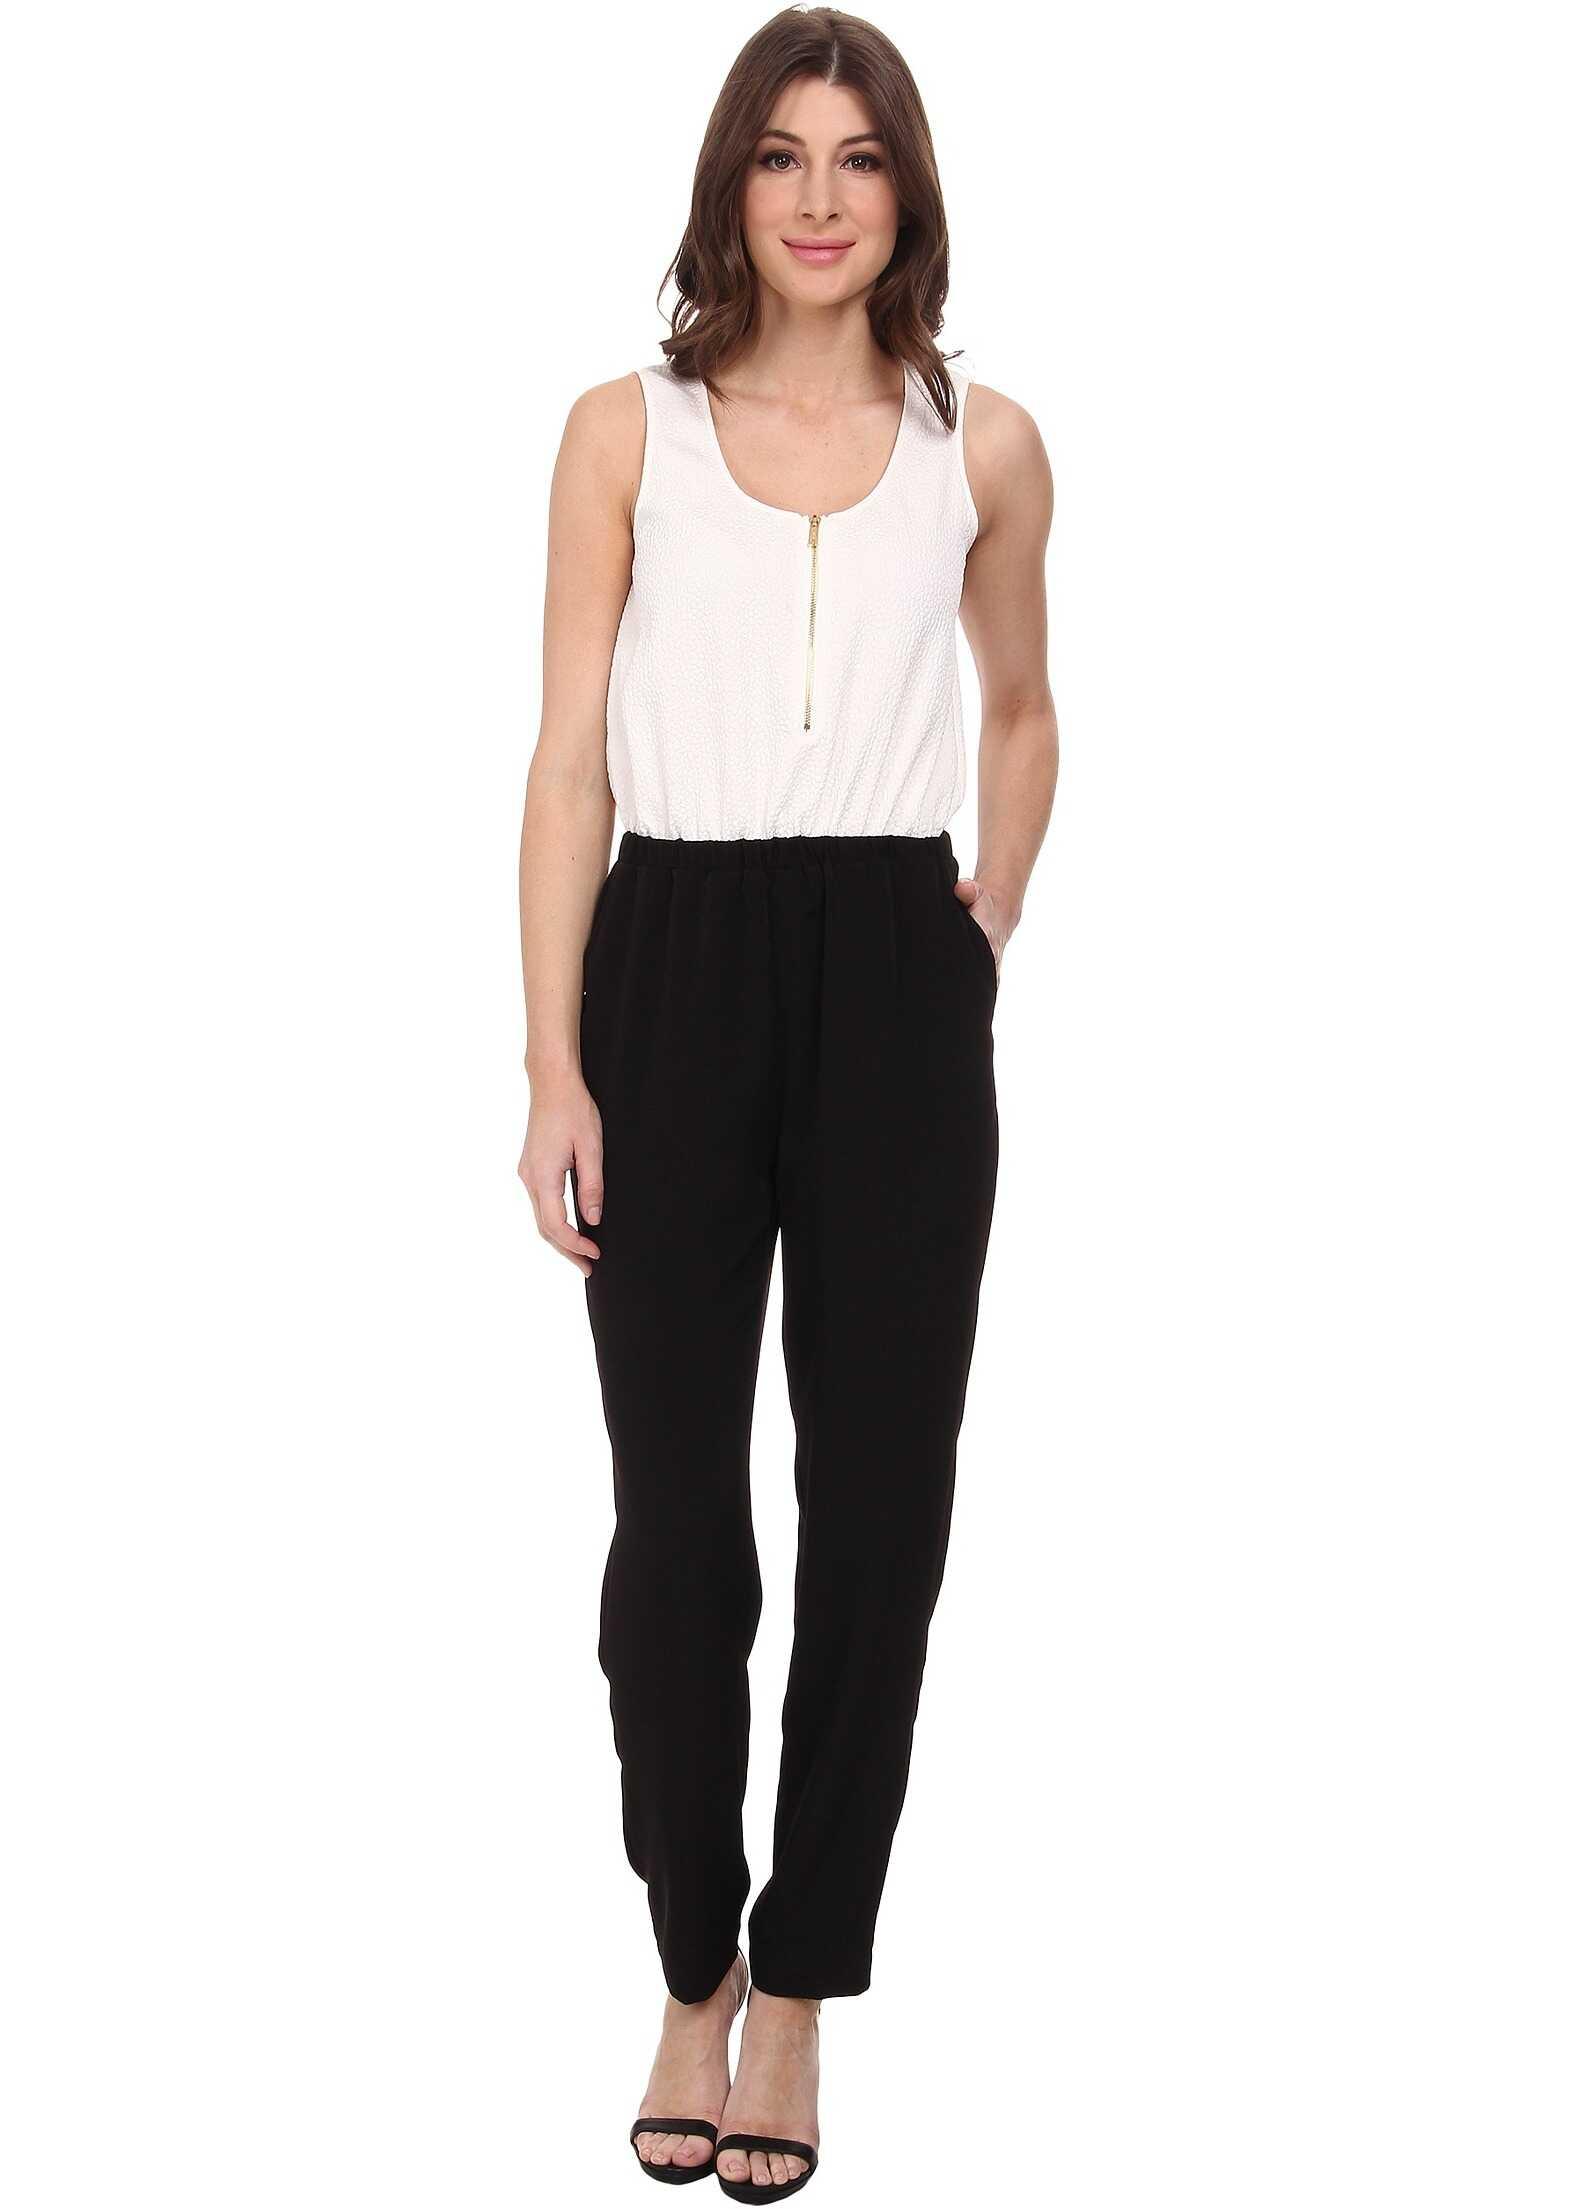 Calvin Klein Pebble Crepe Color Block Jumpsuits Soft White